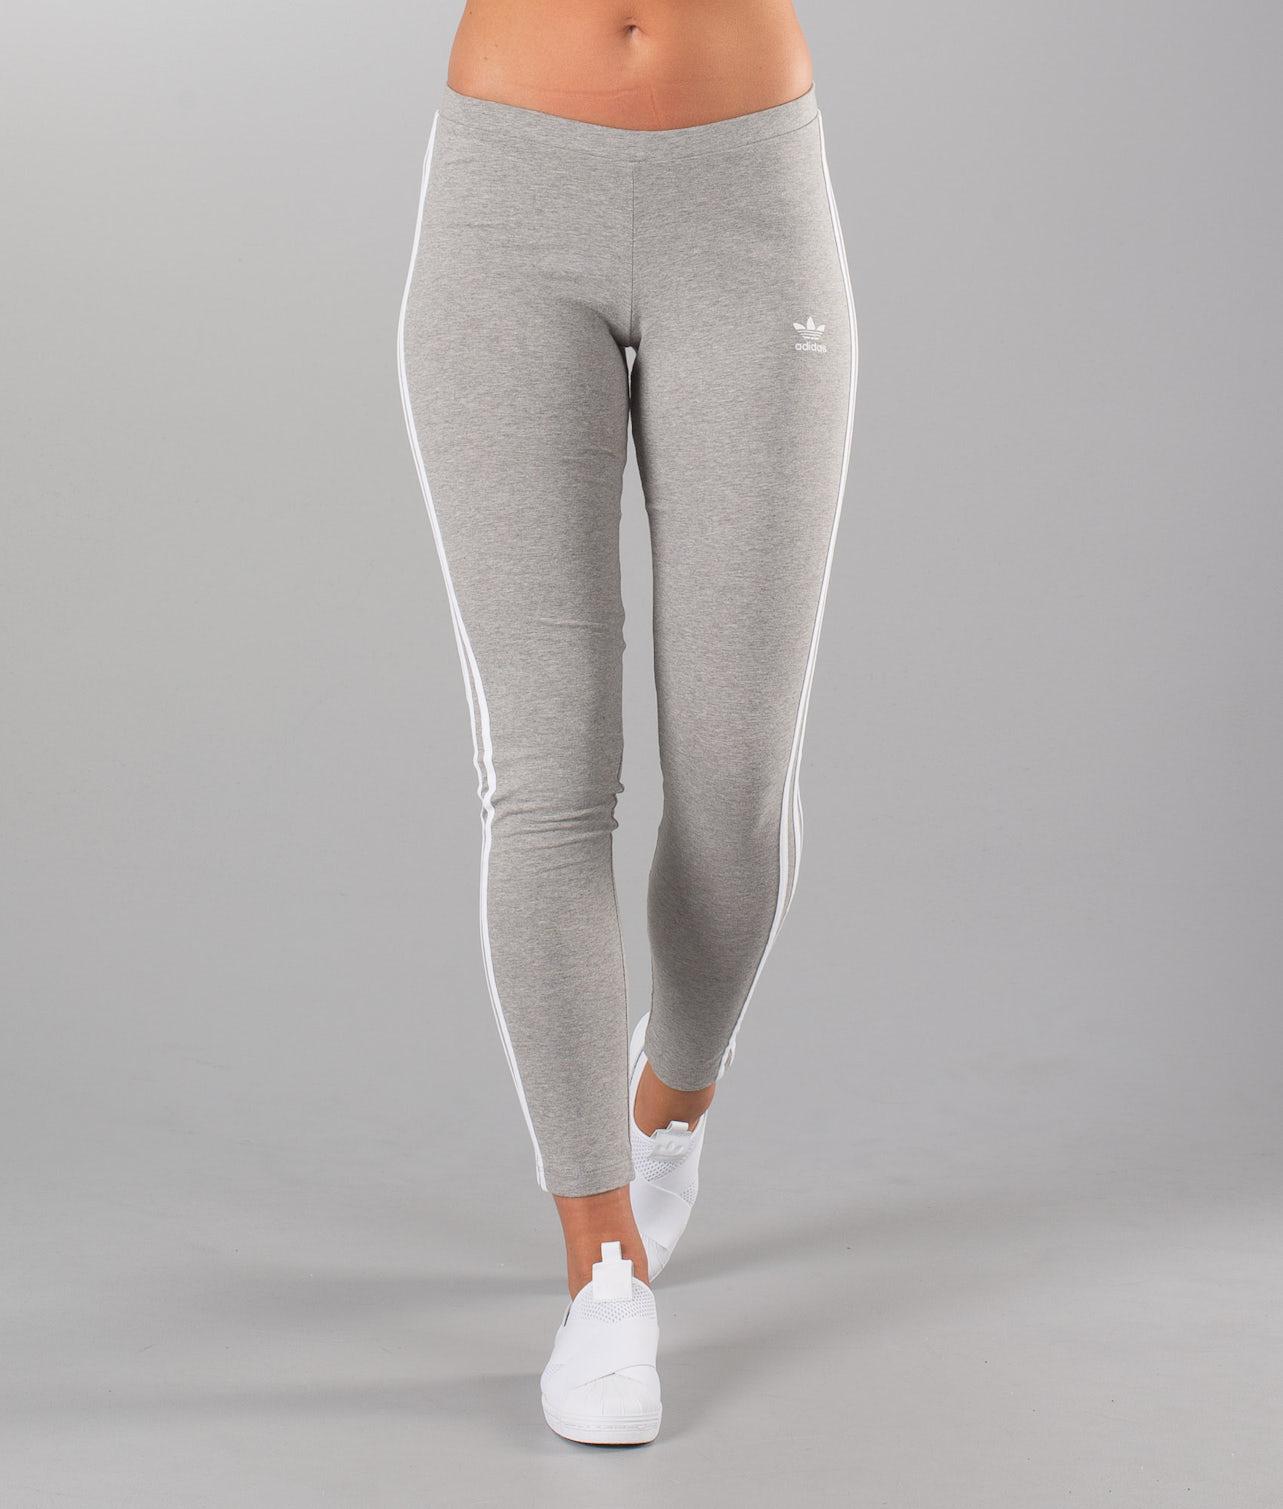 Kjøp 3 Stripes  Leggings fra Adidas Originals på Ridestore.no - Hos oss har du alltid fri frakt, fri retur og 30 dagers åpent kjøp!